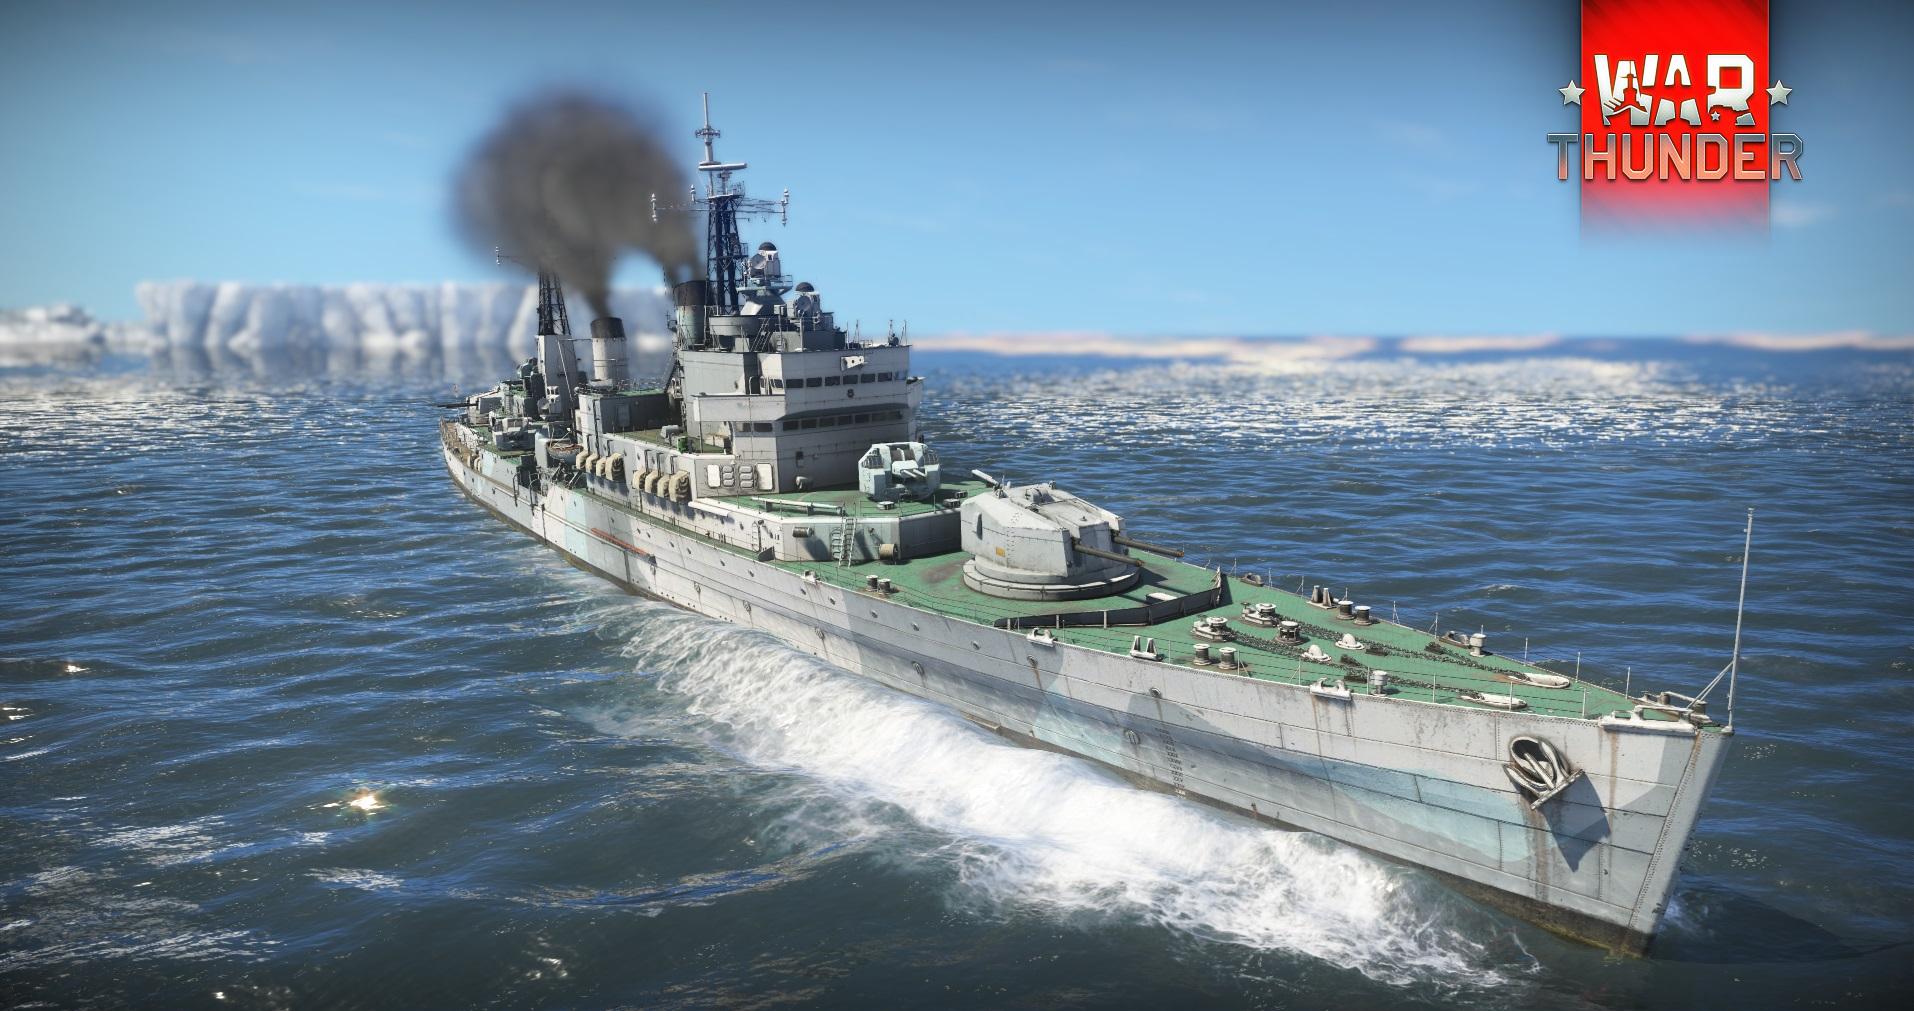 [Bild: HMS%20Tiger_f0714c7dd2f8542f0906cb55597f521e.jpg]